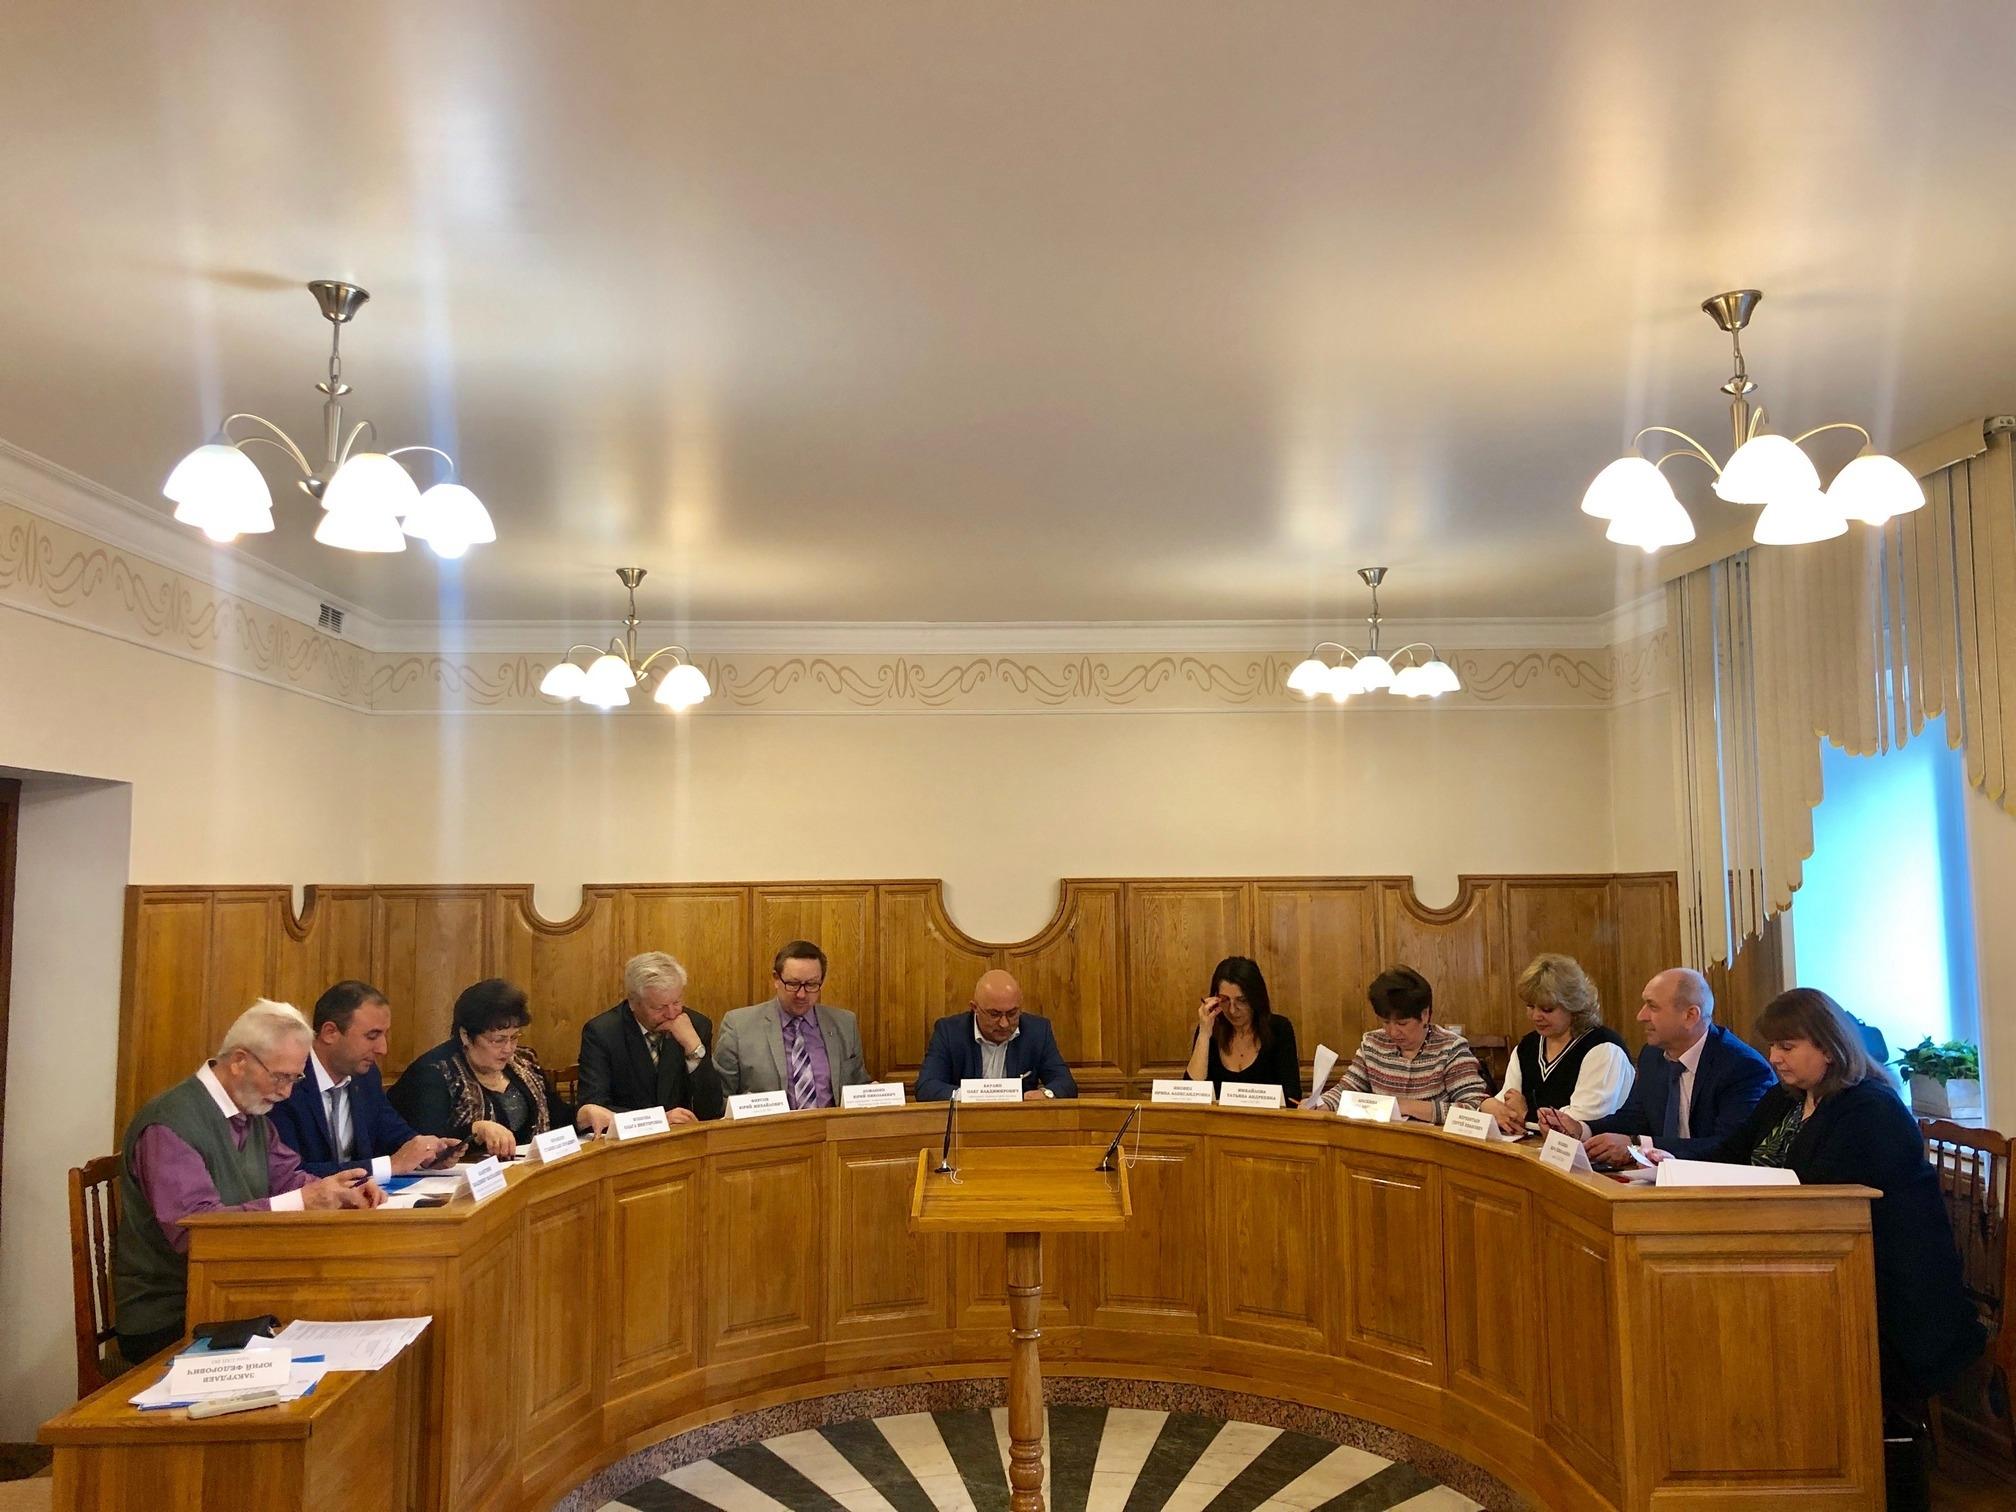 Дисциплинарные взыскания в отношении адвокатов вока 2019 года